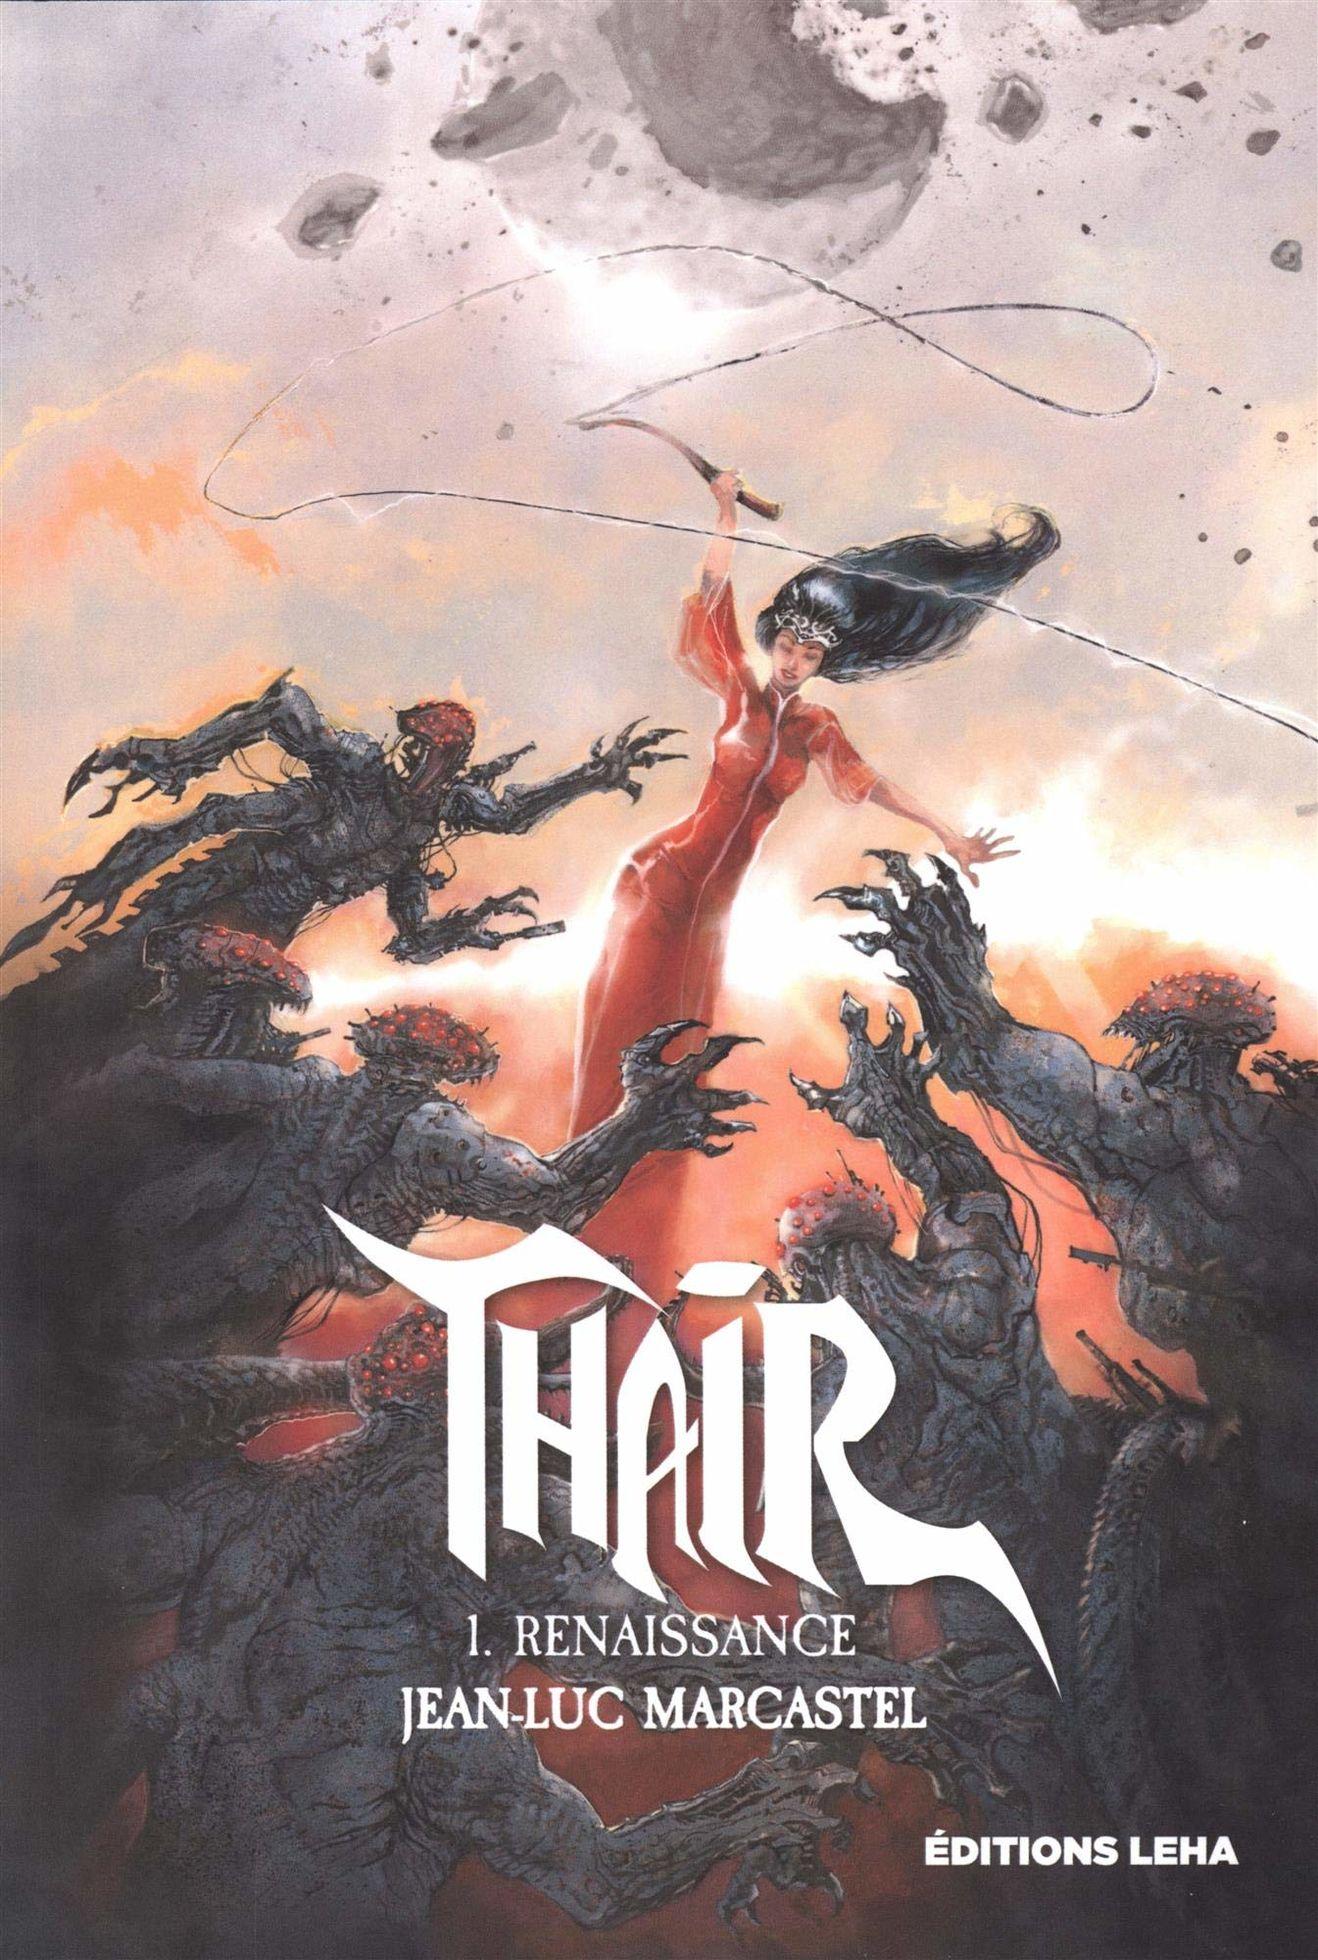 Thaïr, le nouveau roman de Jean-Luc Marcastel